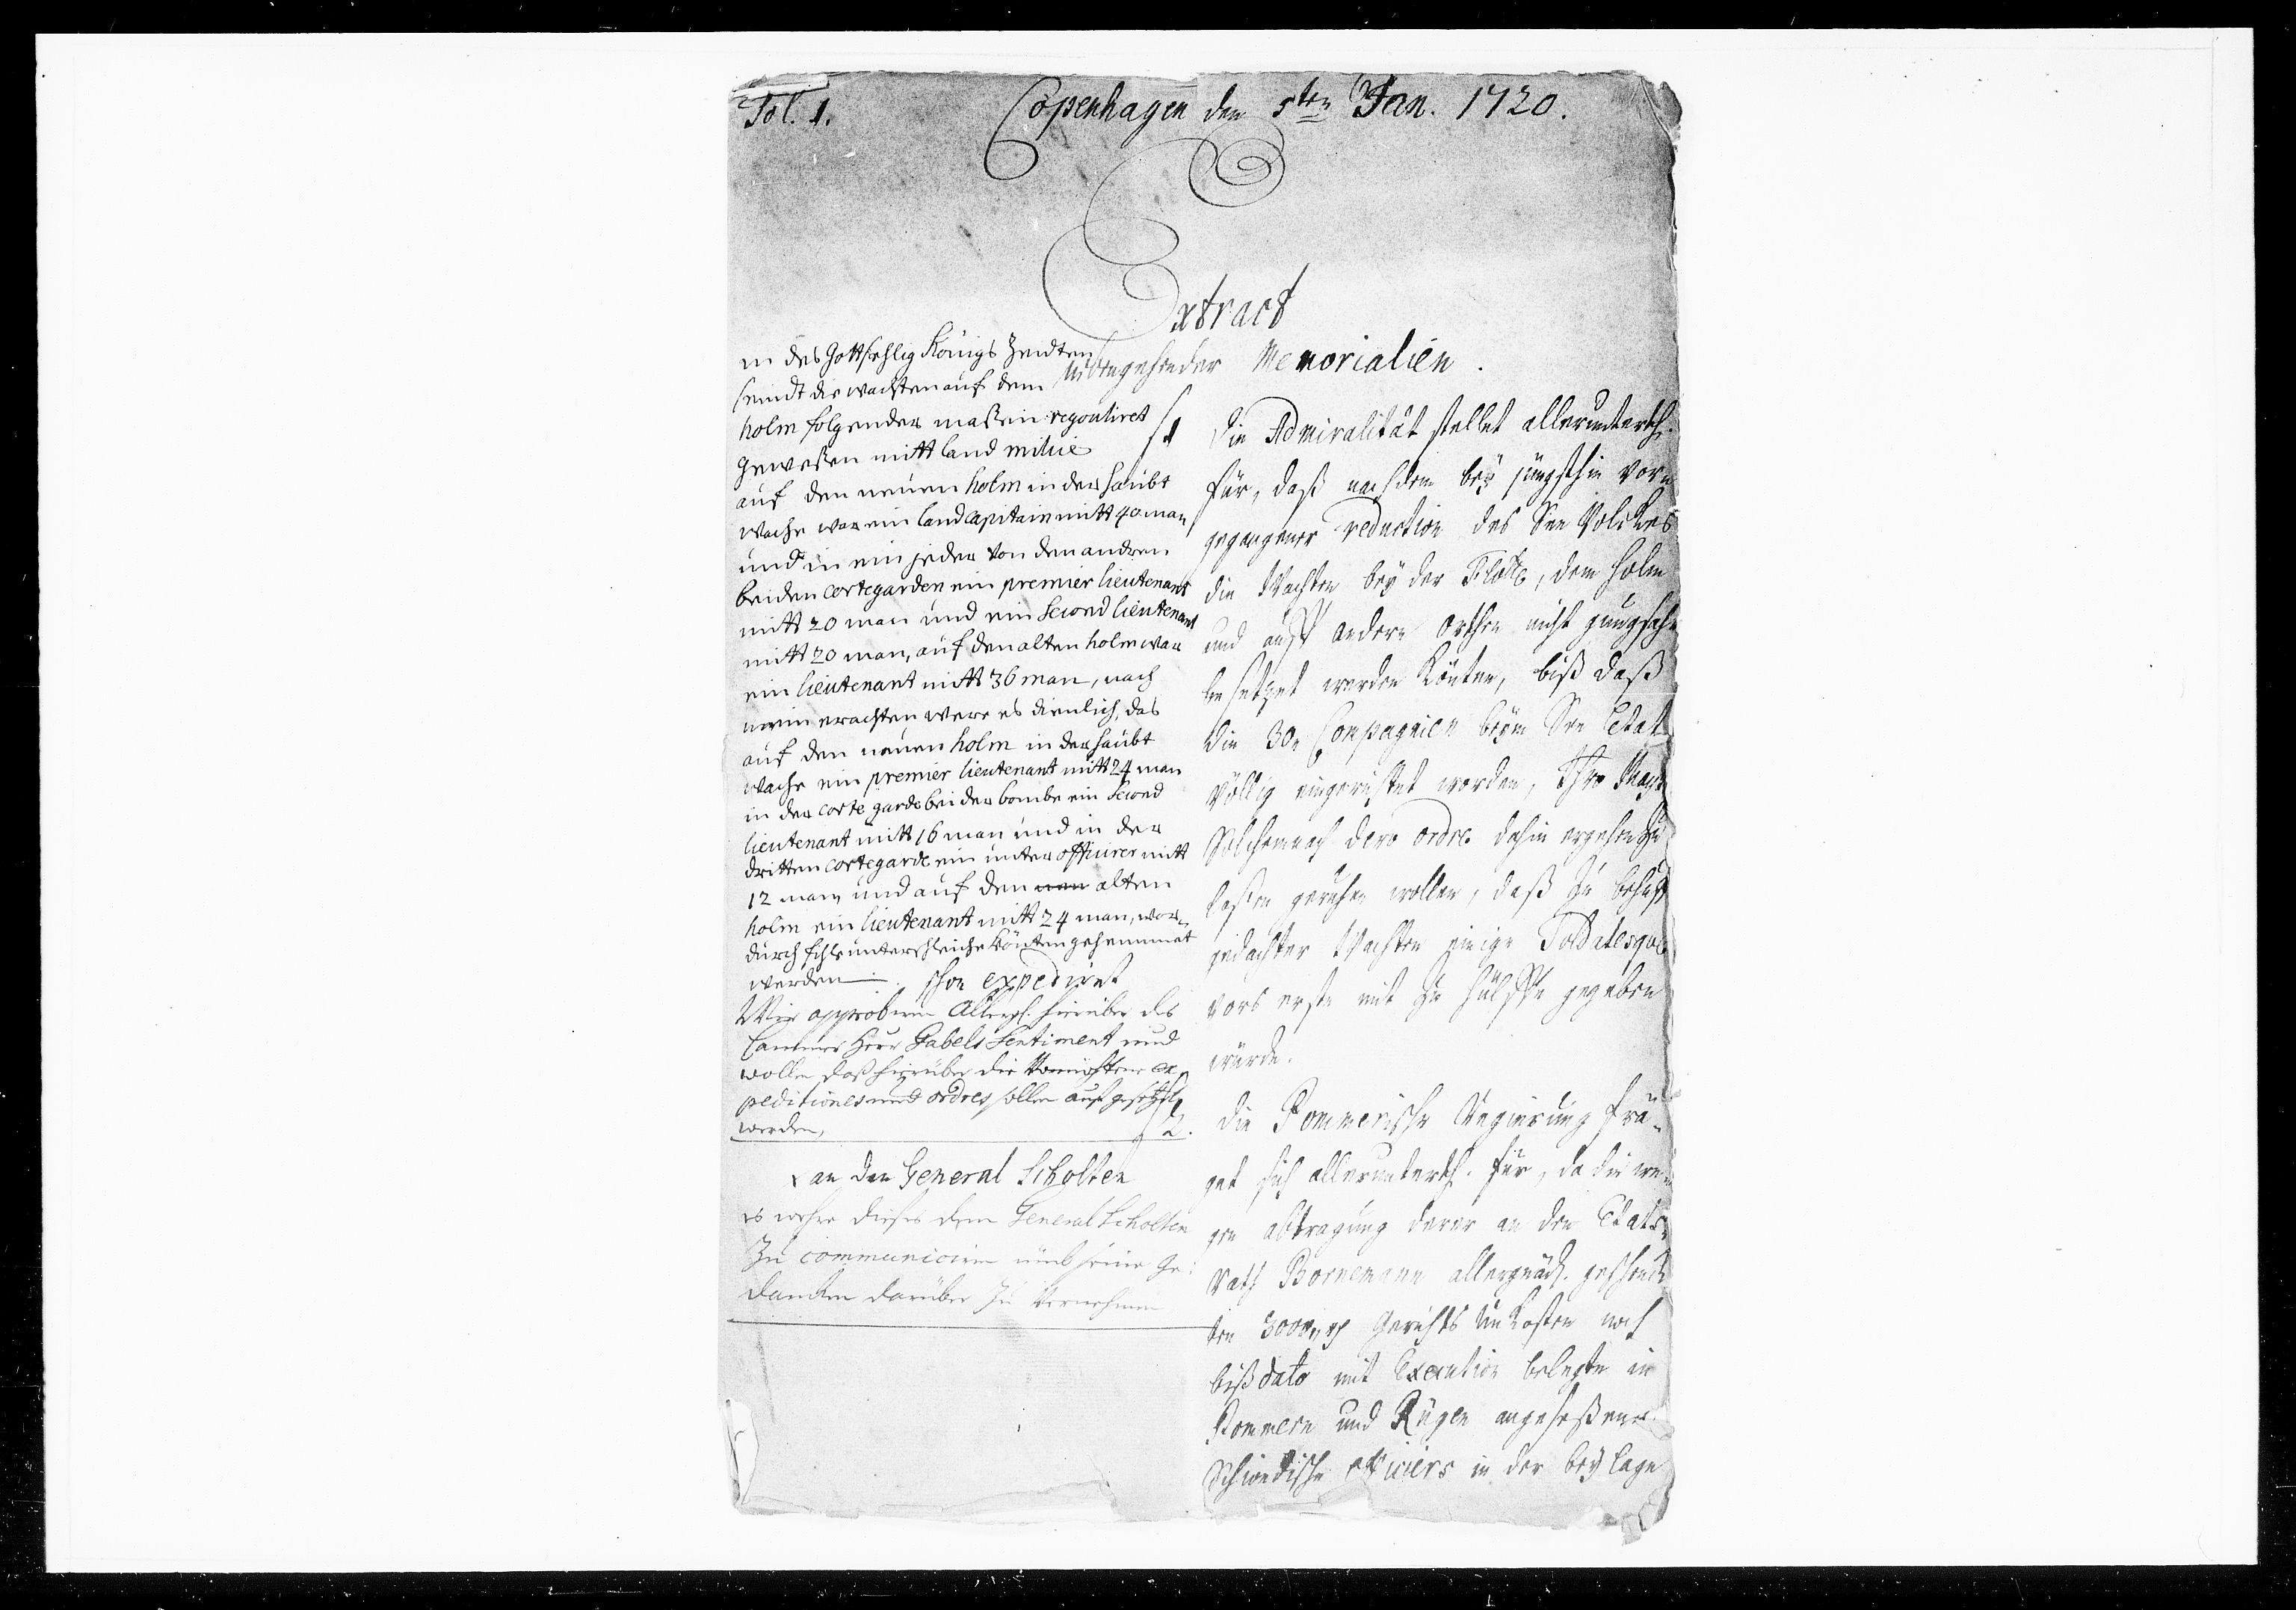 DRA, Krigskollegiet, Krigskancelliet, -/1057-1060: Refererede sager, 1720, s. 3